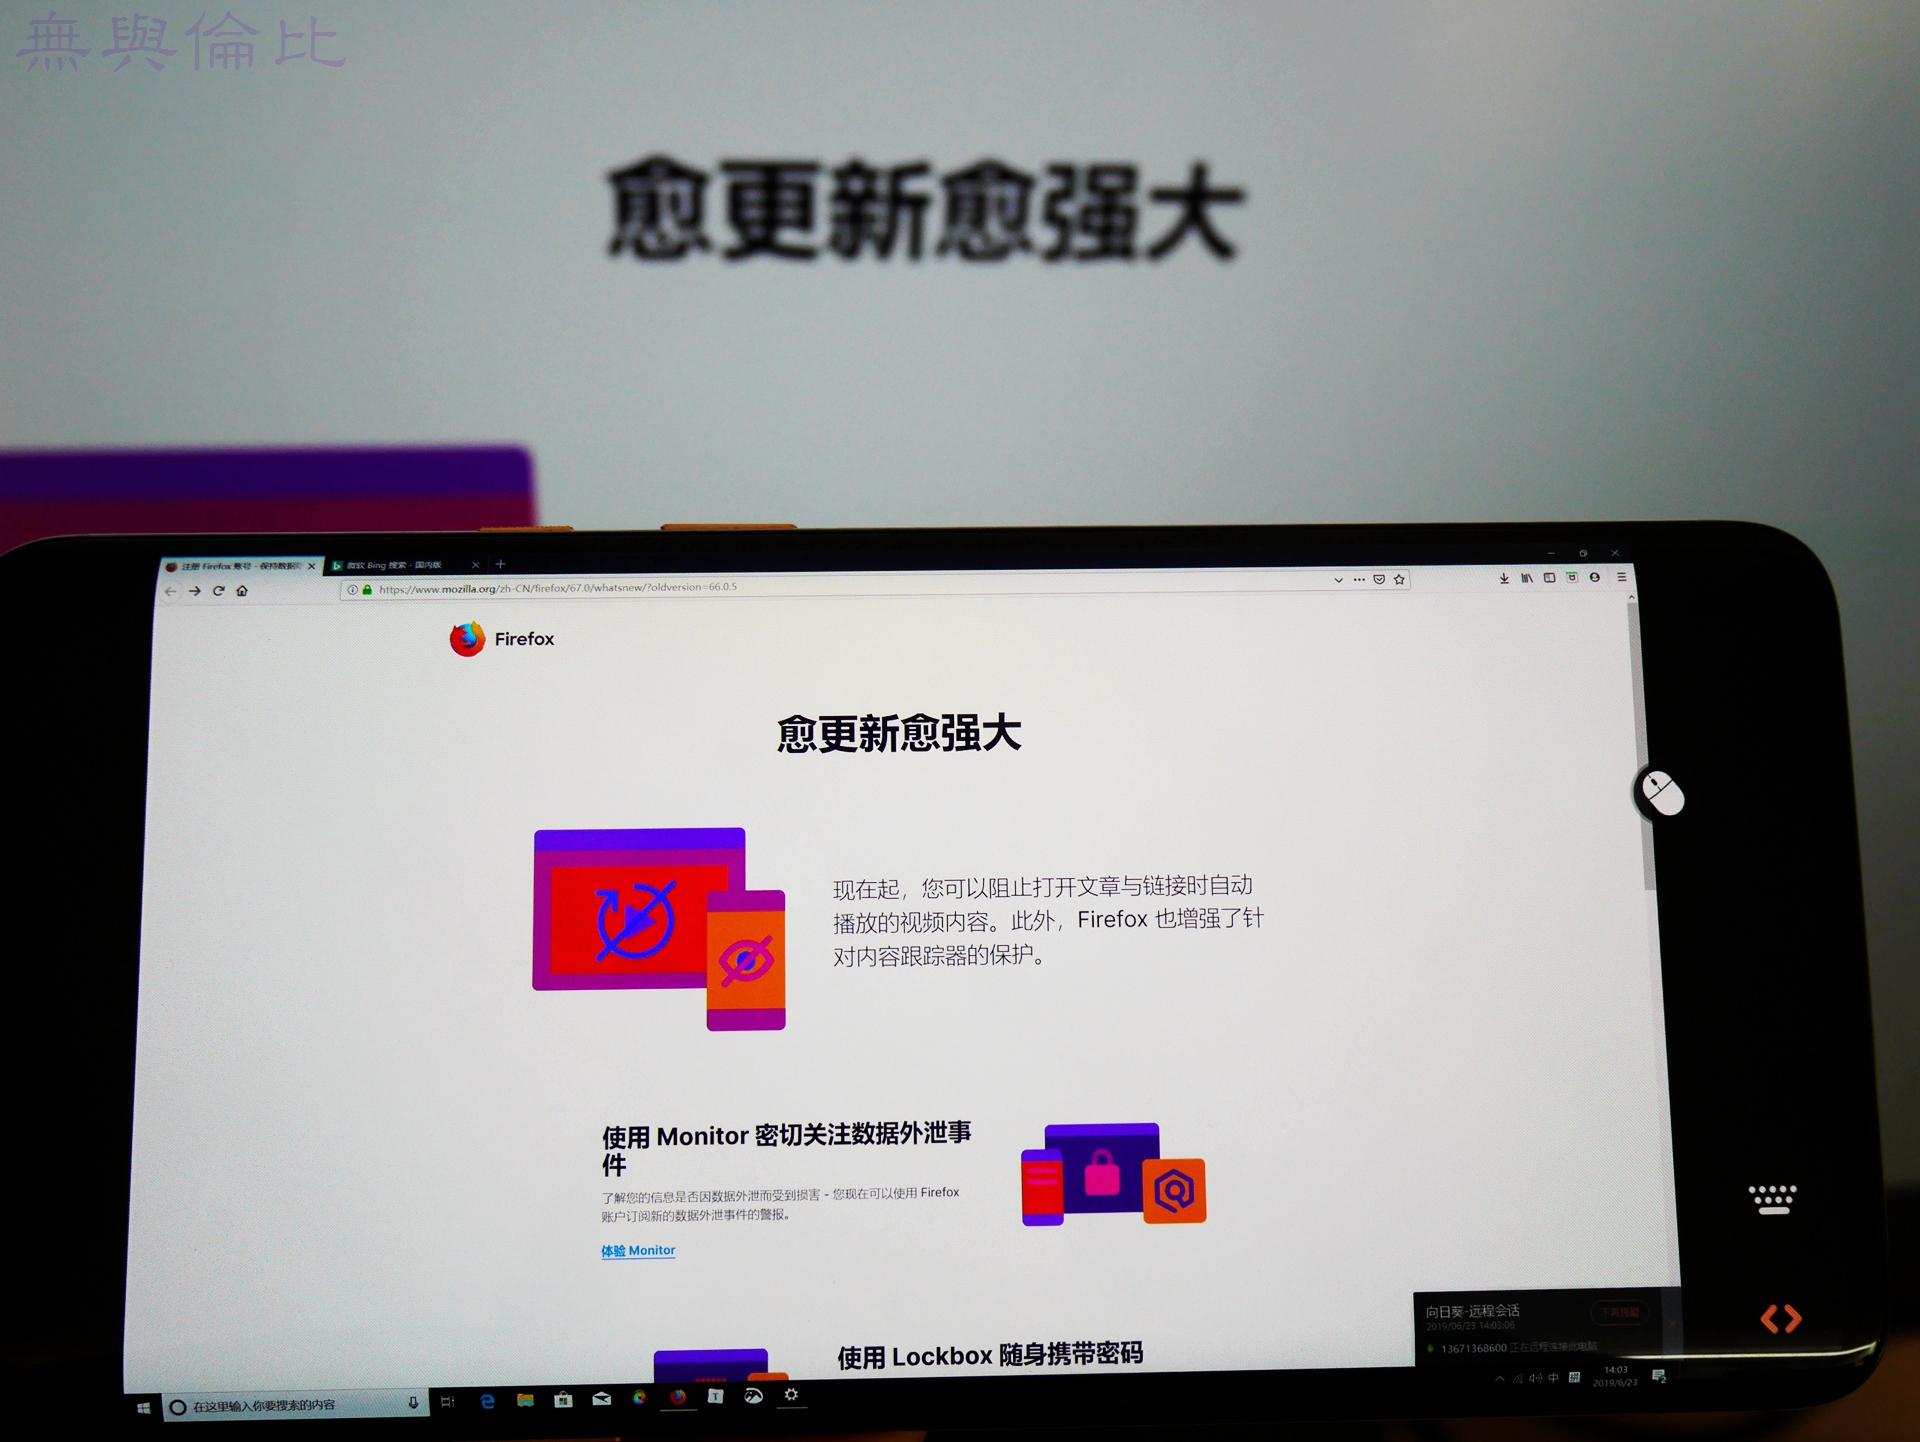 【图片24】穿透内网轻松远程操作电脑,向日葵控控A2让距离不是问题